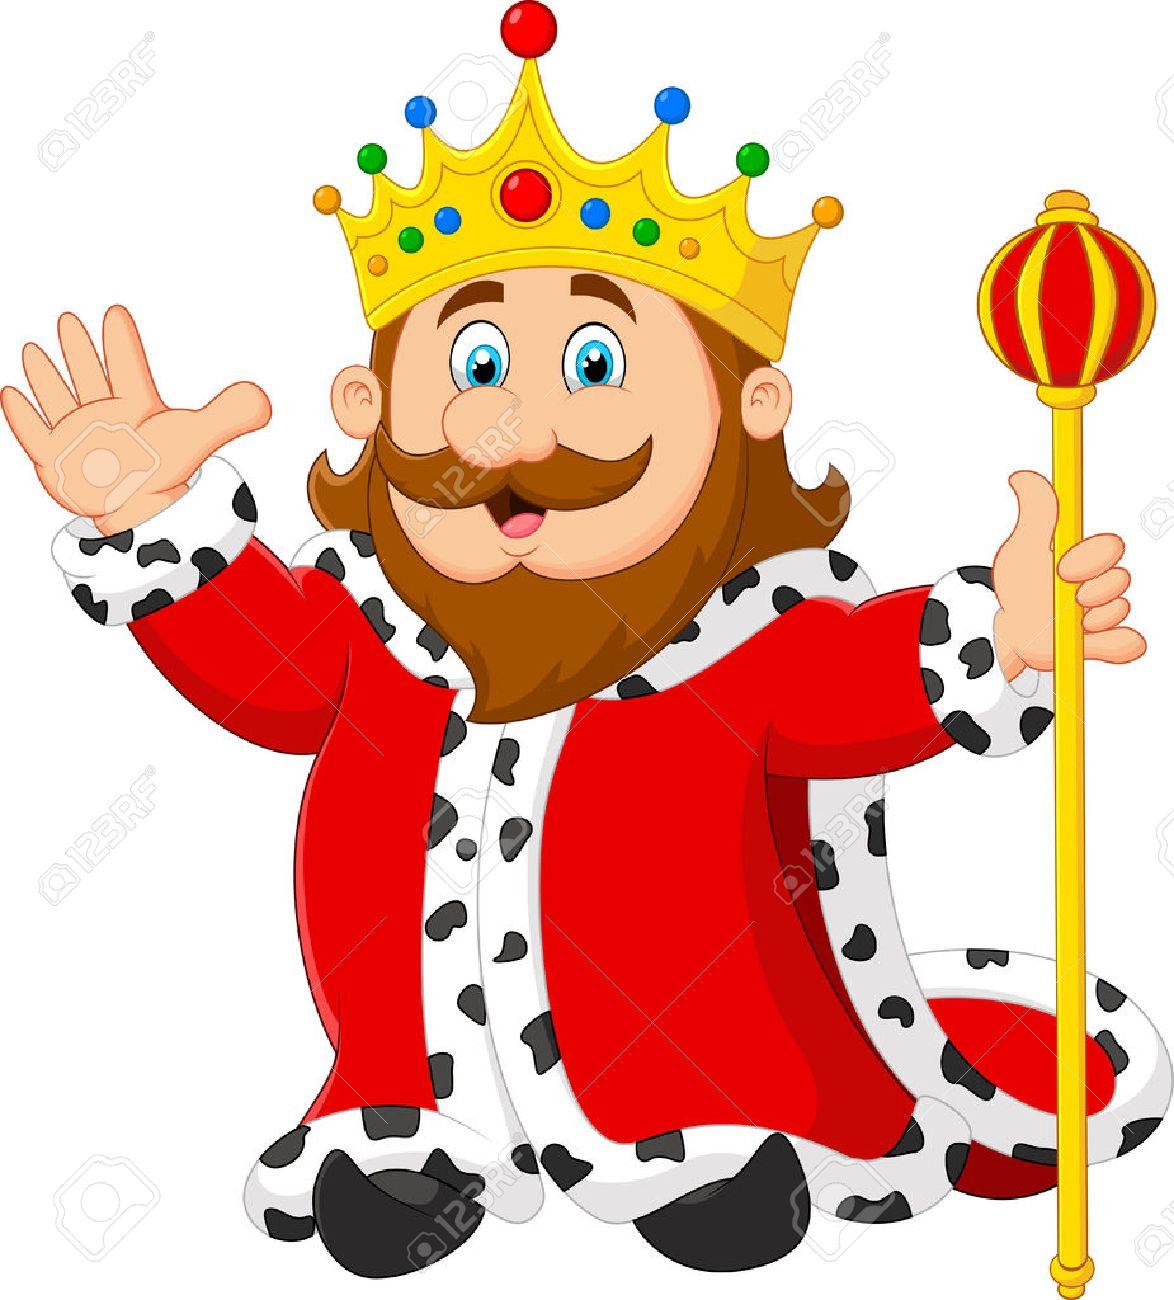 hight resolution of cartoon king holding a golden scepter